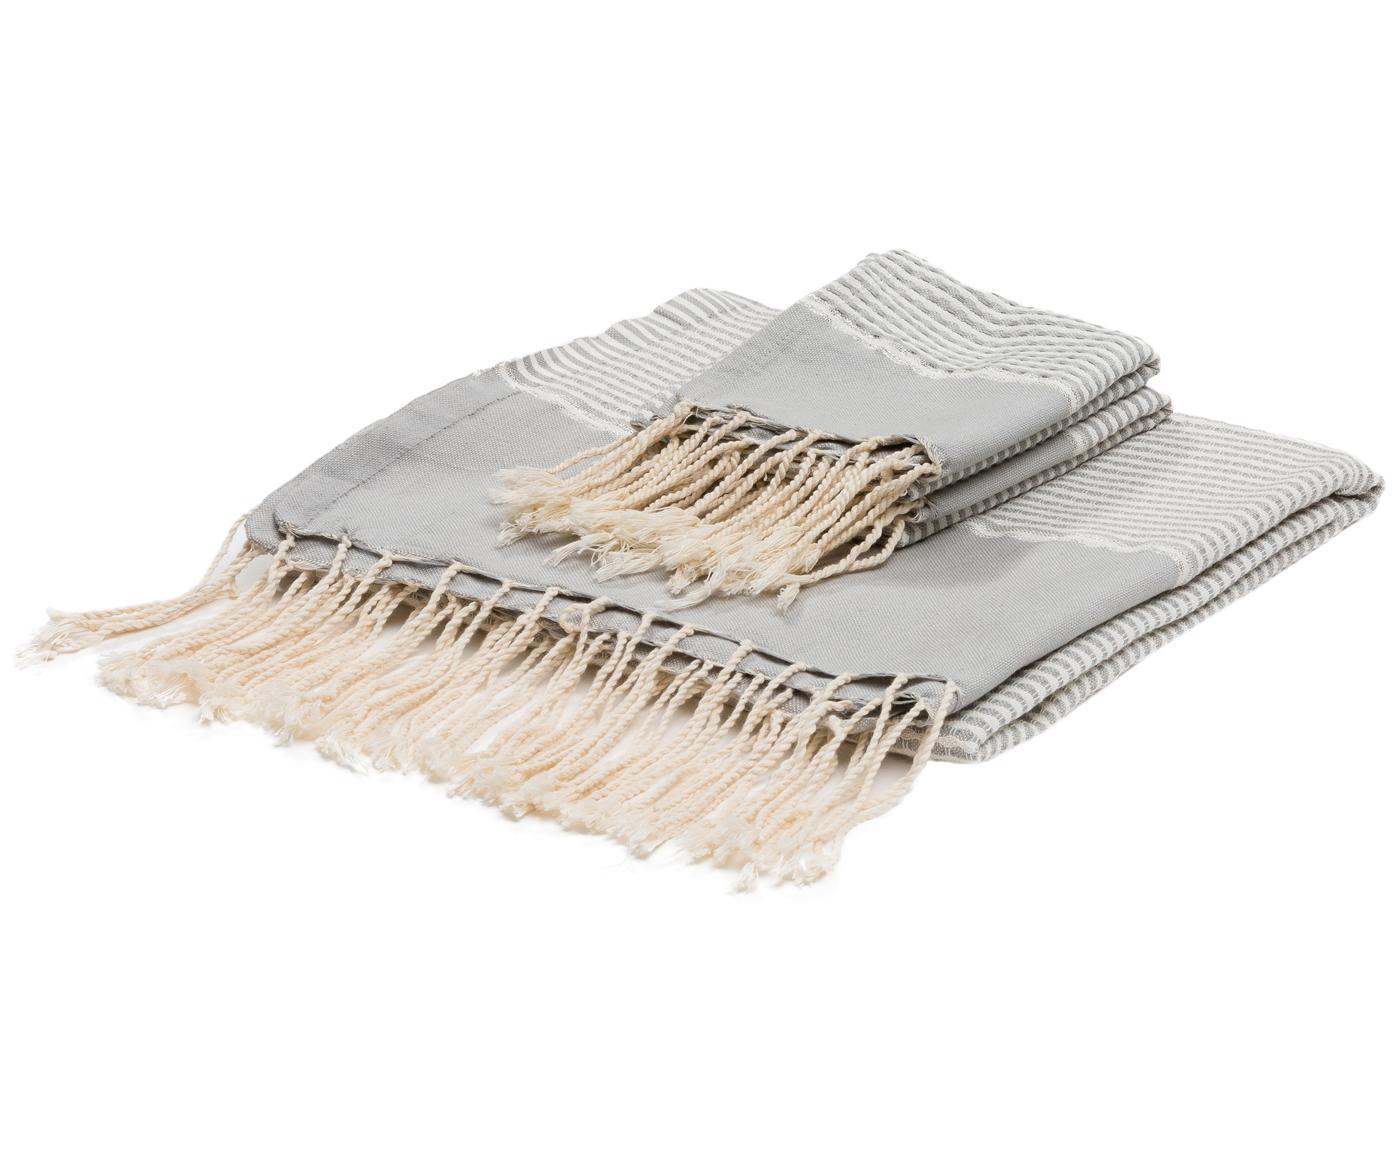 Lichte handdoekenset Copenhague met Lurex rand, 3-delig, Katoen, zeer lichte kwaliteit, 200 g/m² Lurex-draden, Parelgrijs, zilverkleurig, wit, Verschillende formaten